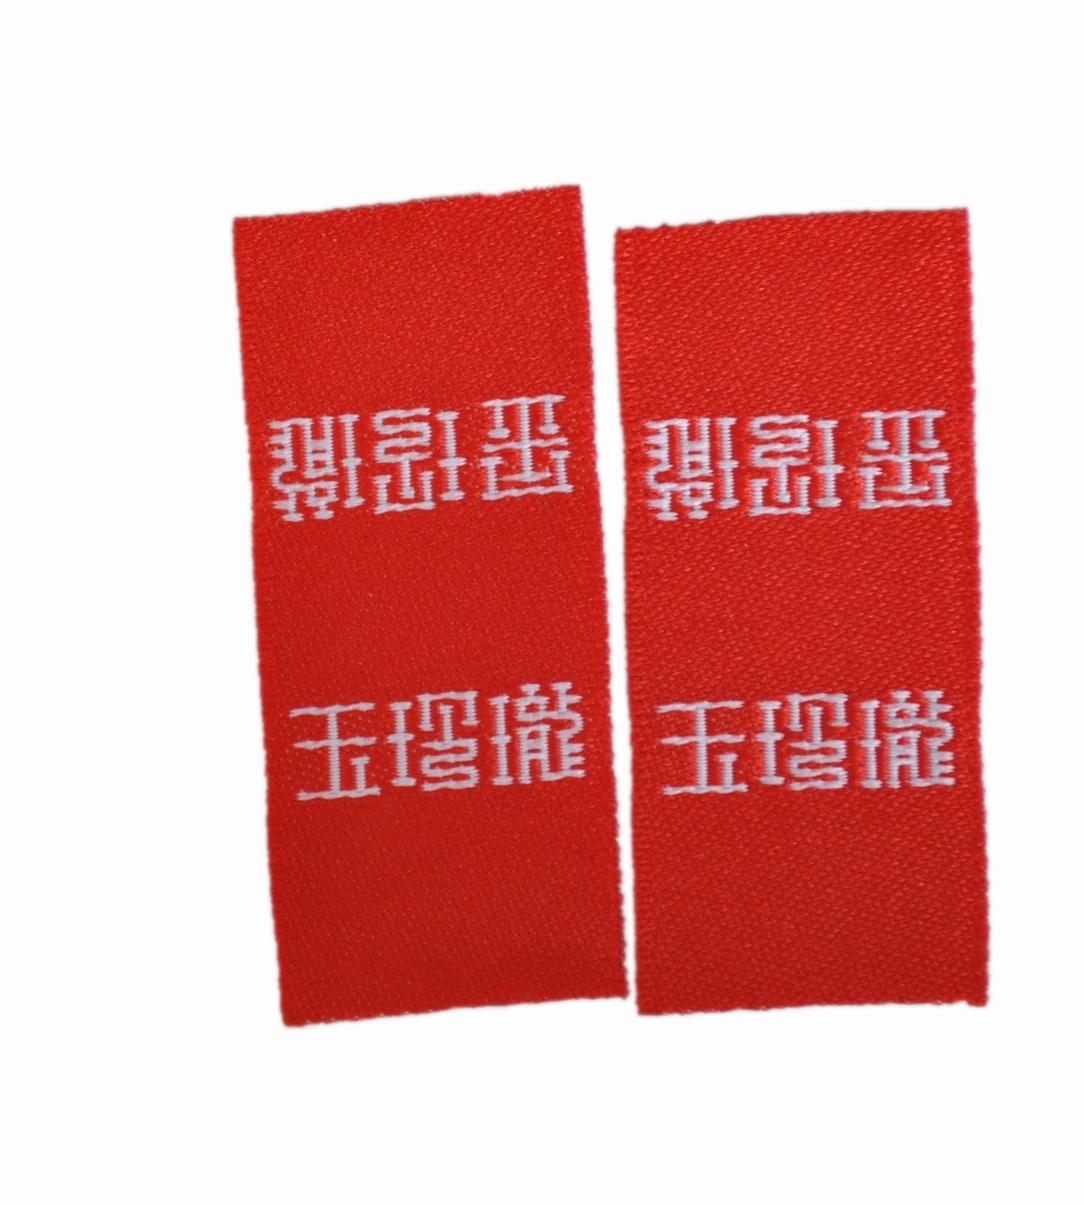 价格合理的秋蝶普通烧边机服装织唛直销供应